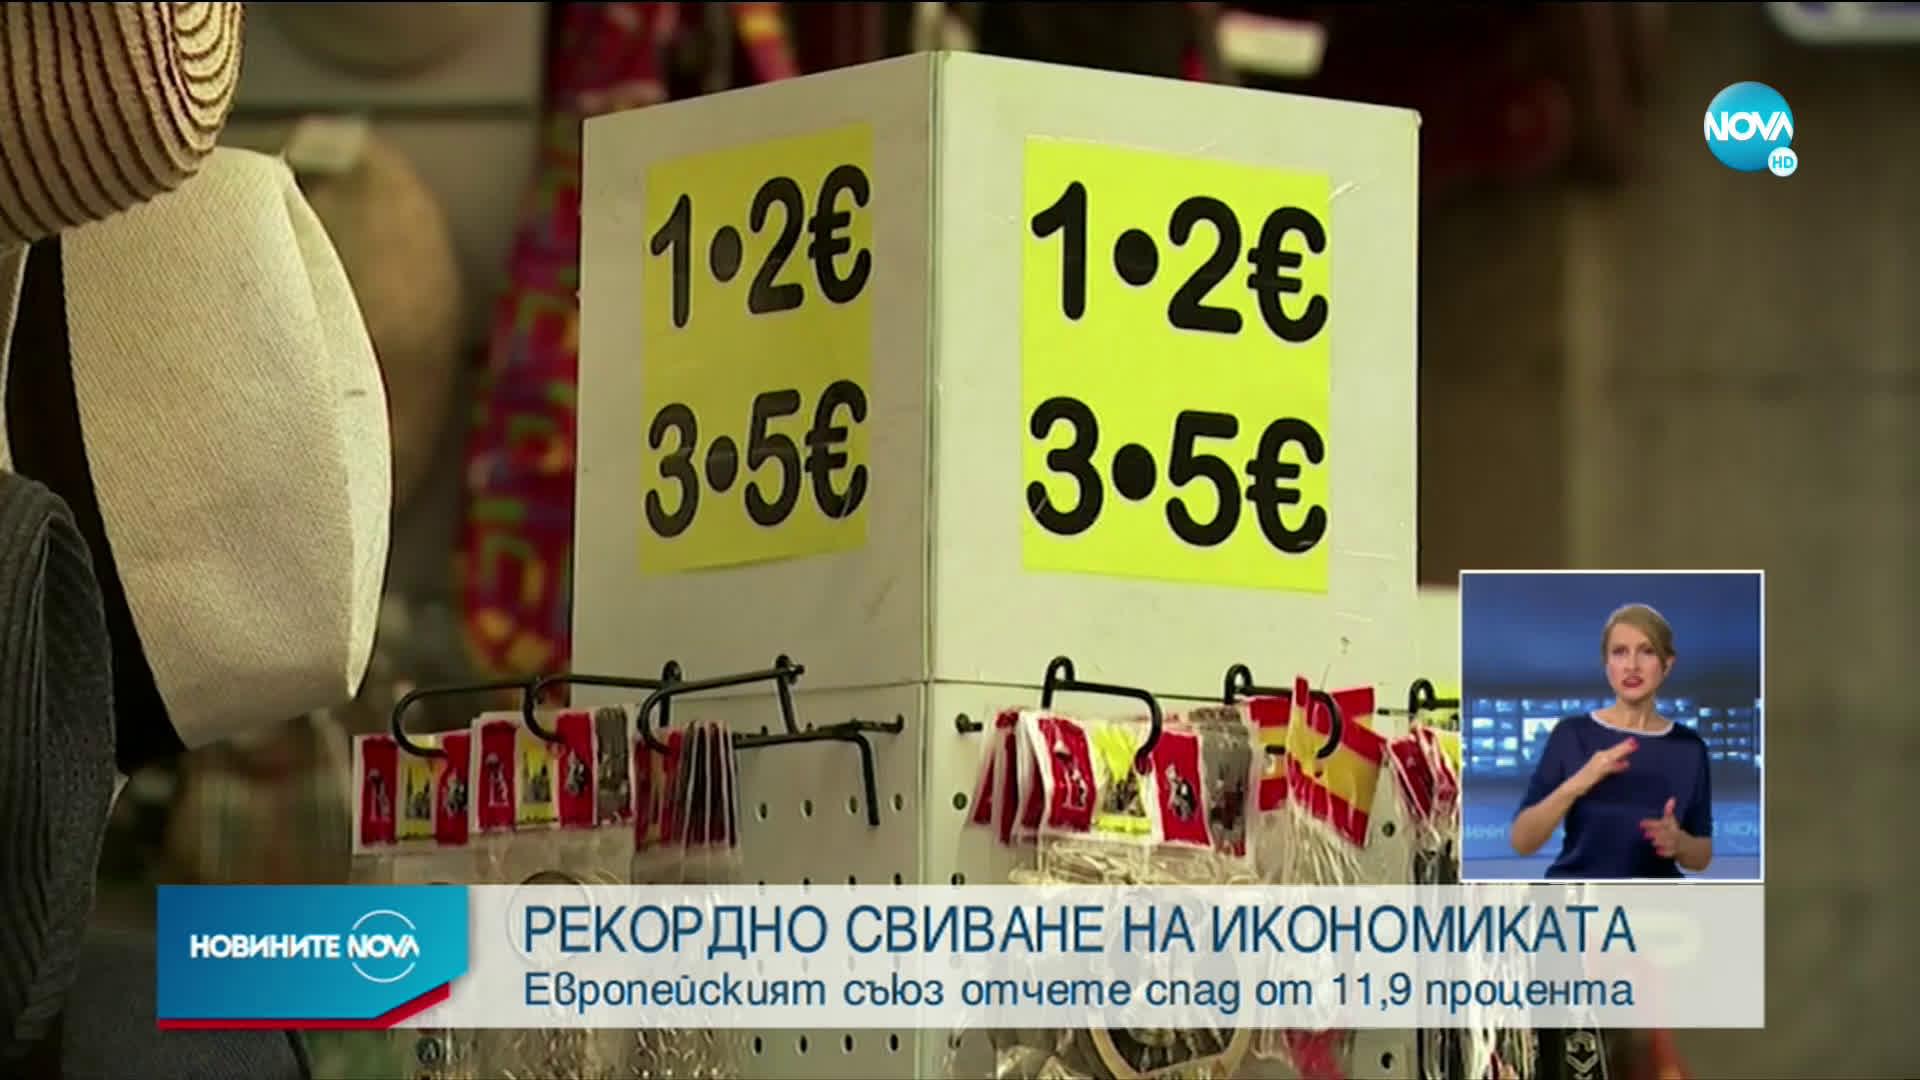 Европейският съюз отчете рекорден срив на икономиката